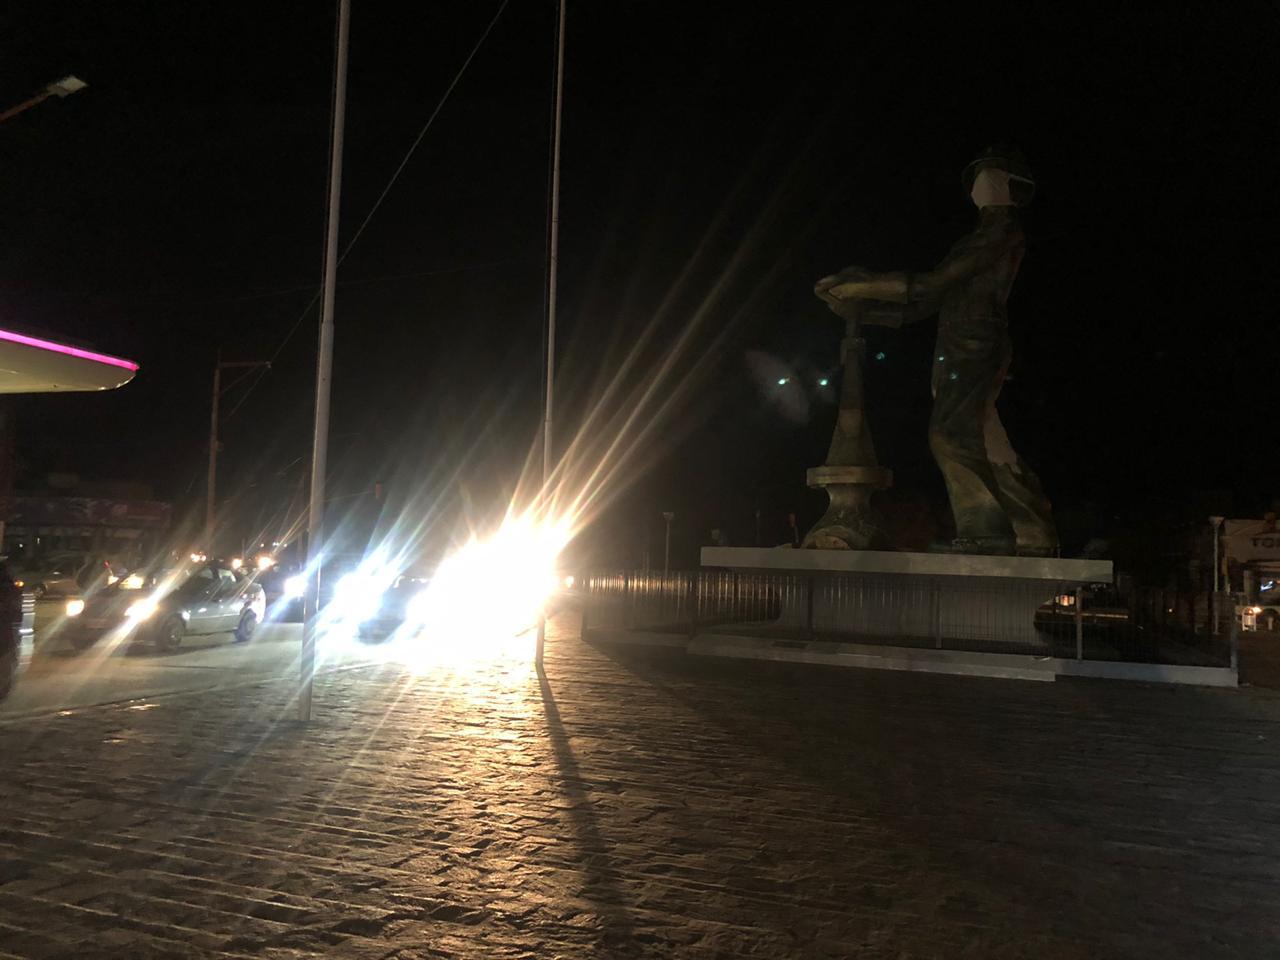 Los caletenses protestaron con un bocinazo en la noche del sábado. FOTO: EMIR SILVA